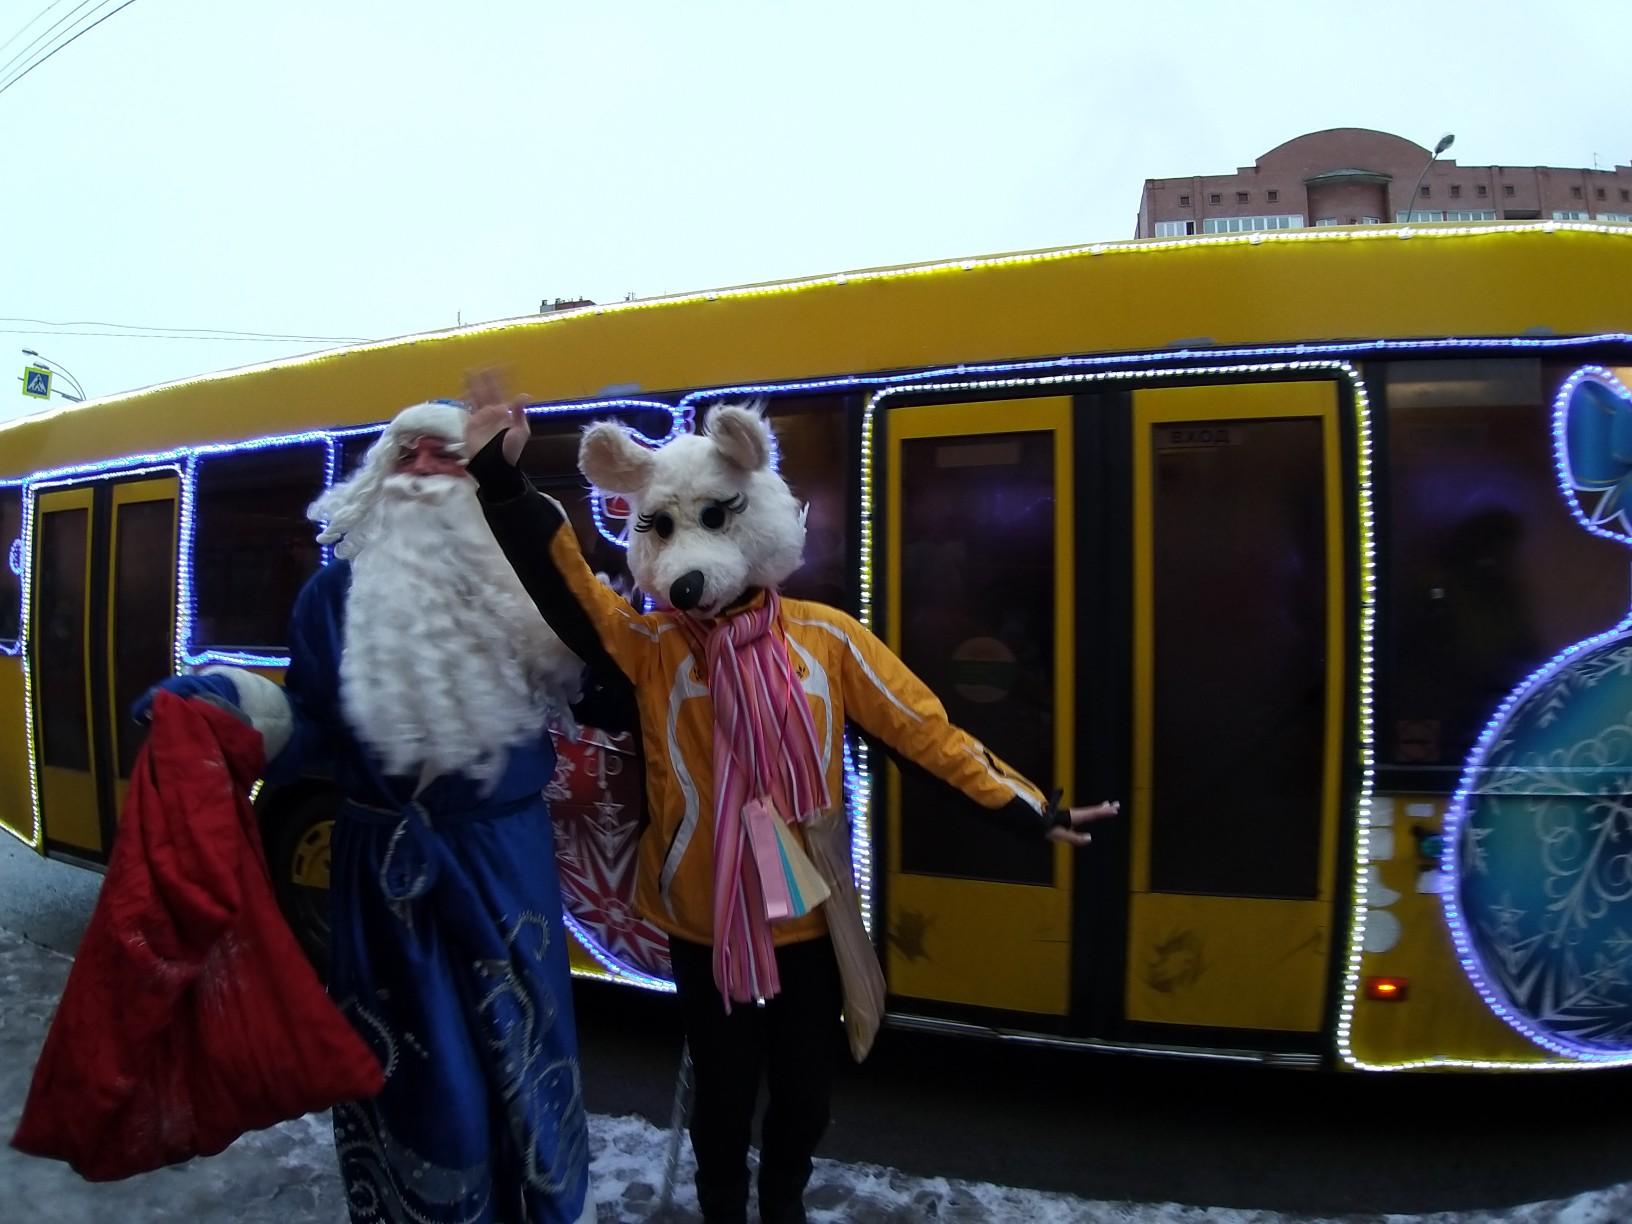 Мышка обилечивает, медведь играет на баяне, а Дед Мороз поздравляет: В Тольятти стартовал праздничный Чудо-маршрут